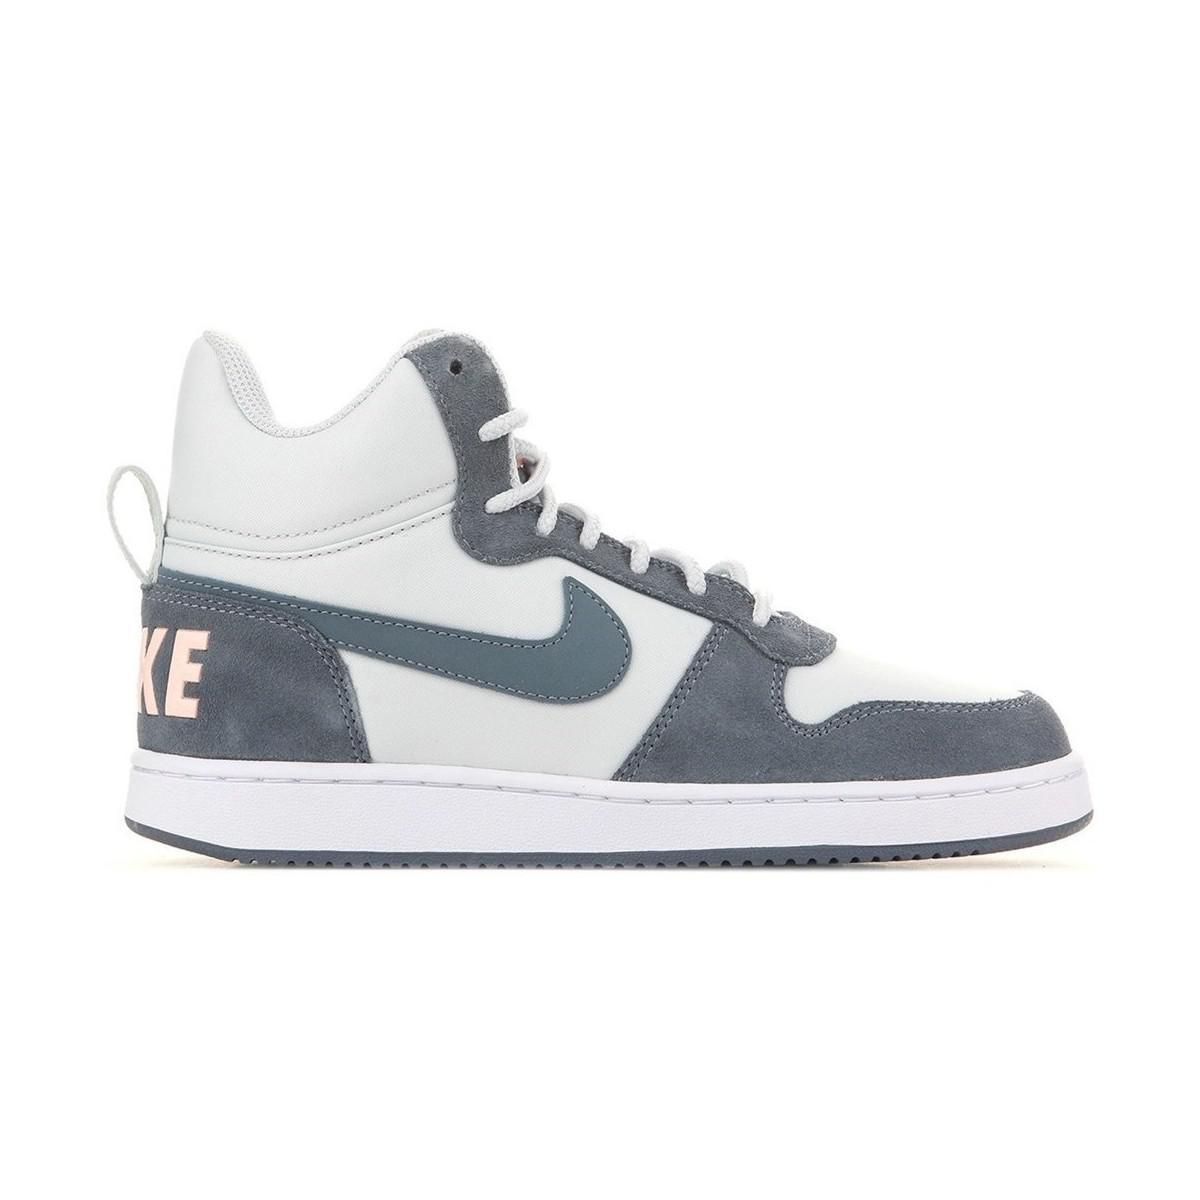 official photos f35d1 9b395 Nike  s W Court Borough Mid Prem Gymnastics Shoes - Lyst